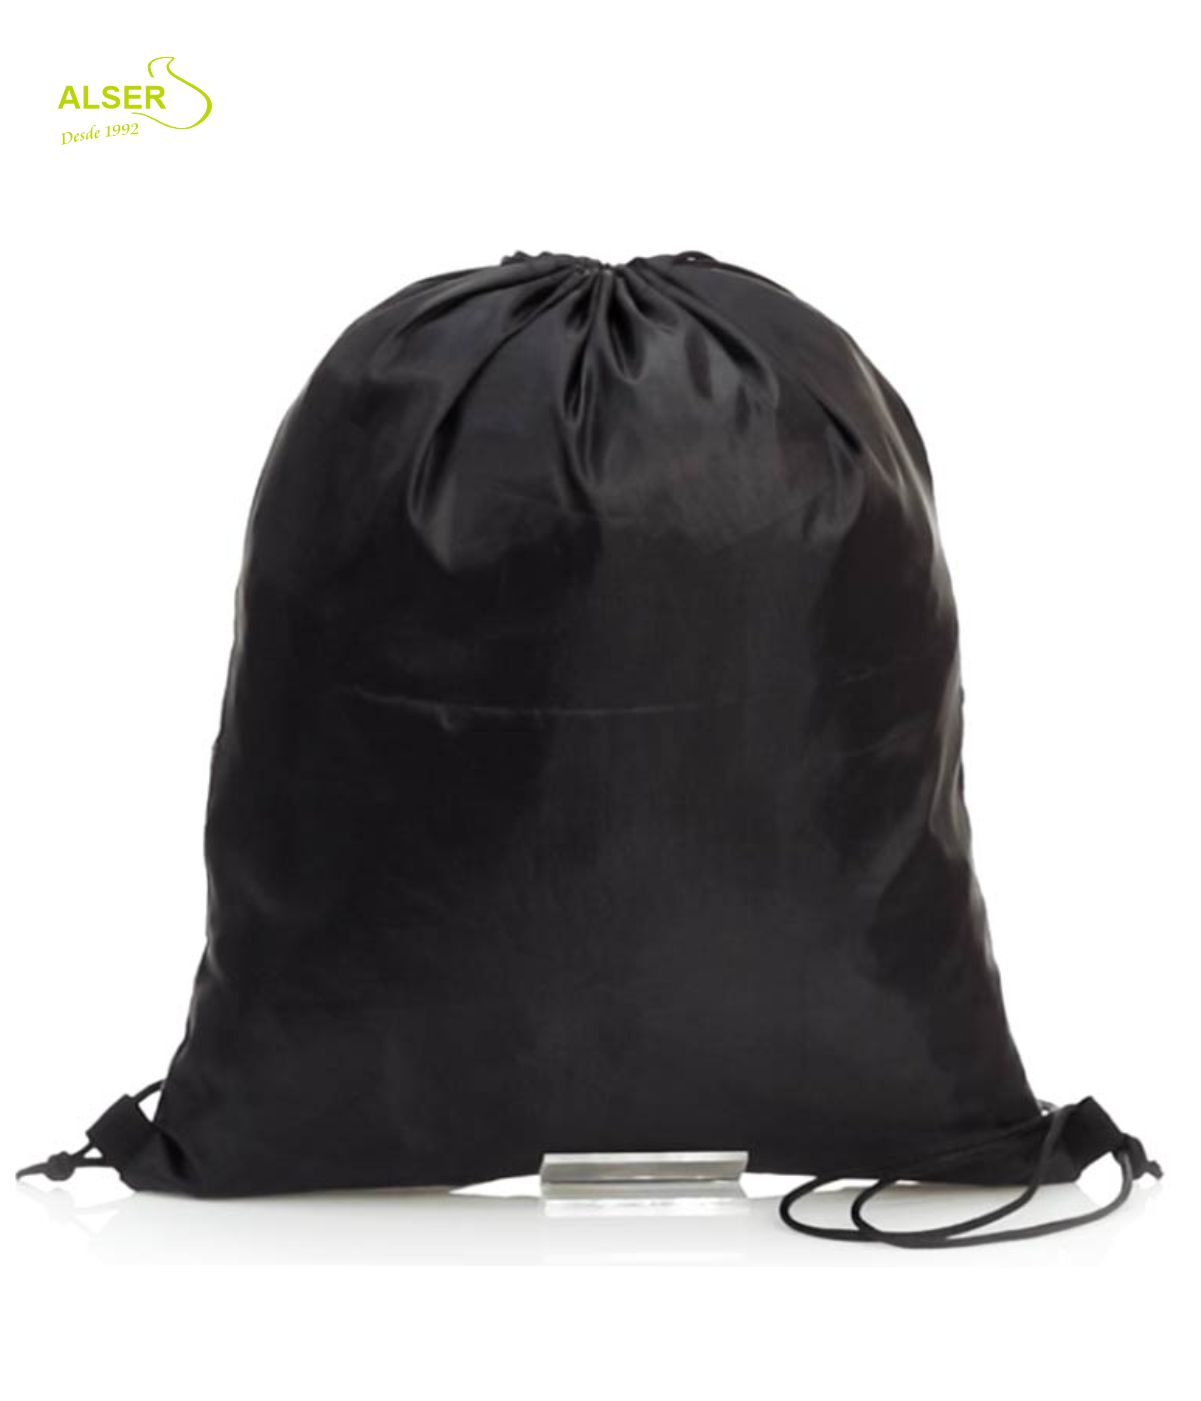 Bolsa de cordones ELEGANTE.. Negra y Corcho. Publicidad para empresas. Espalda